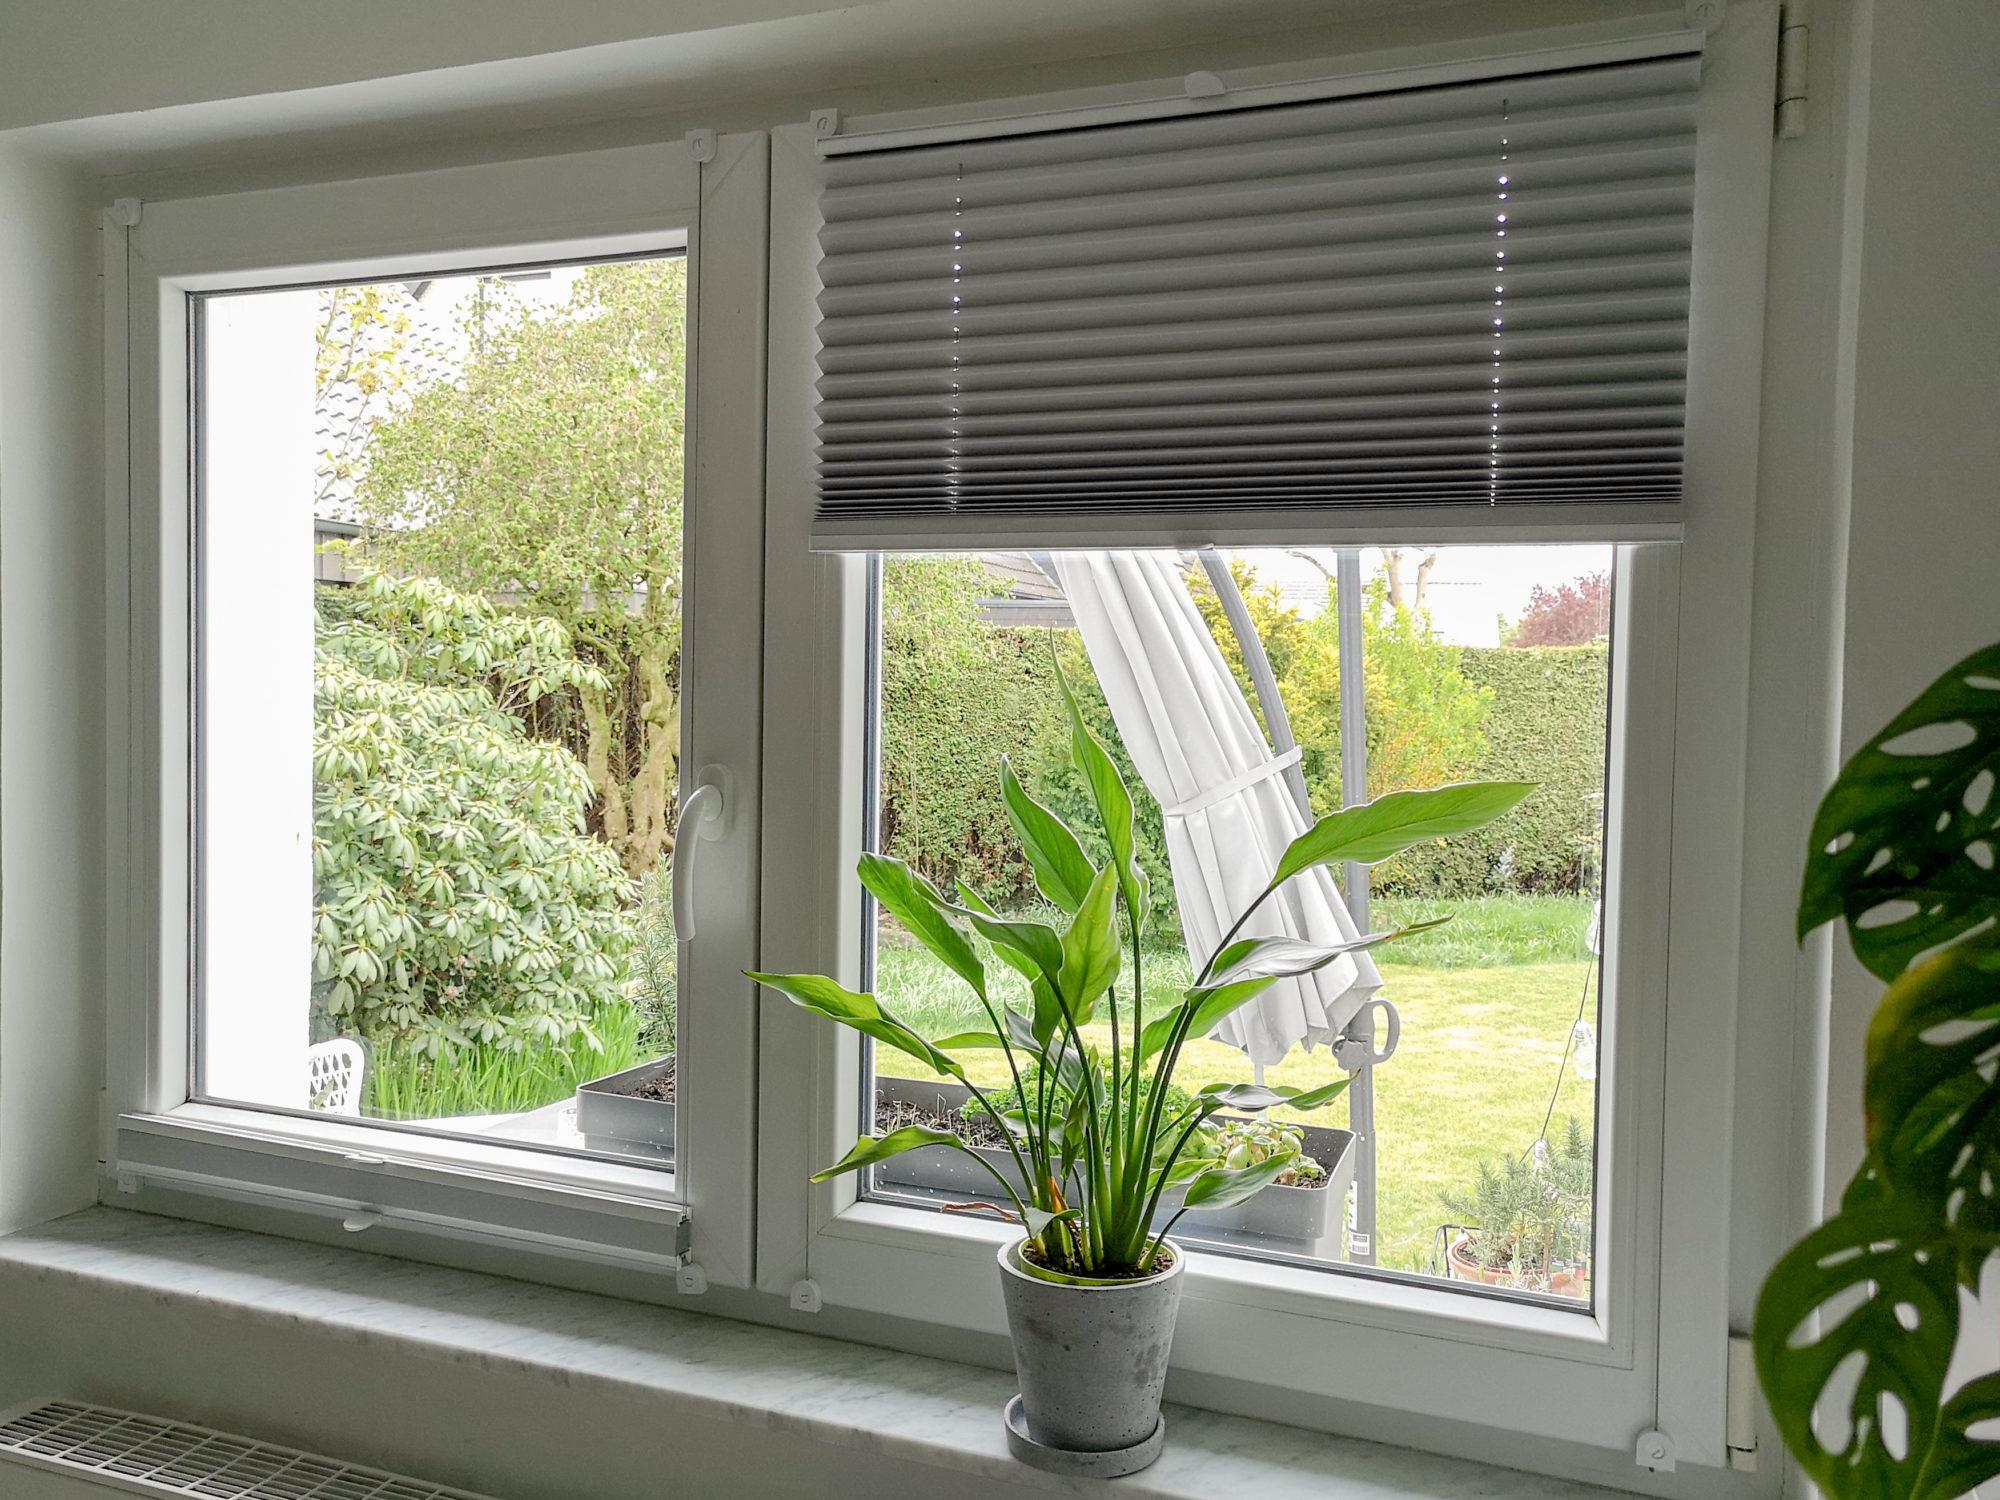 Ausblick aus dem Fenster mit Blick in den Garten